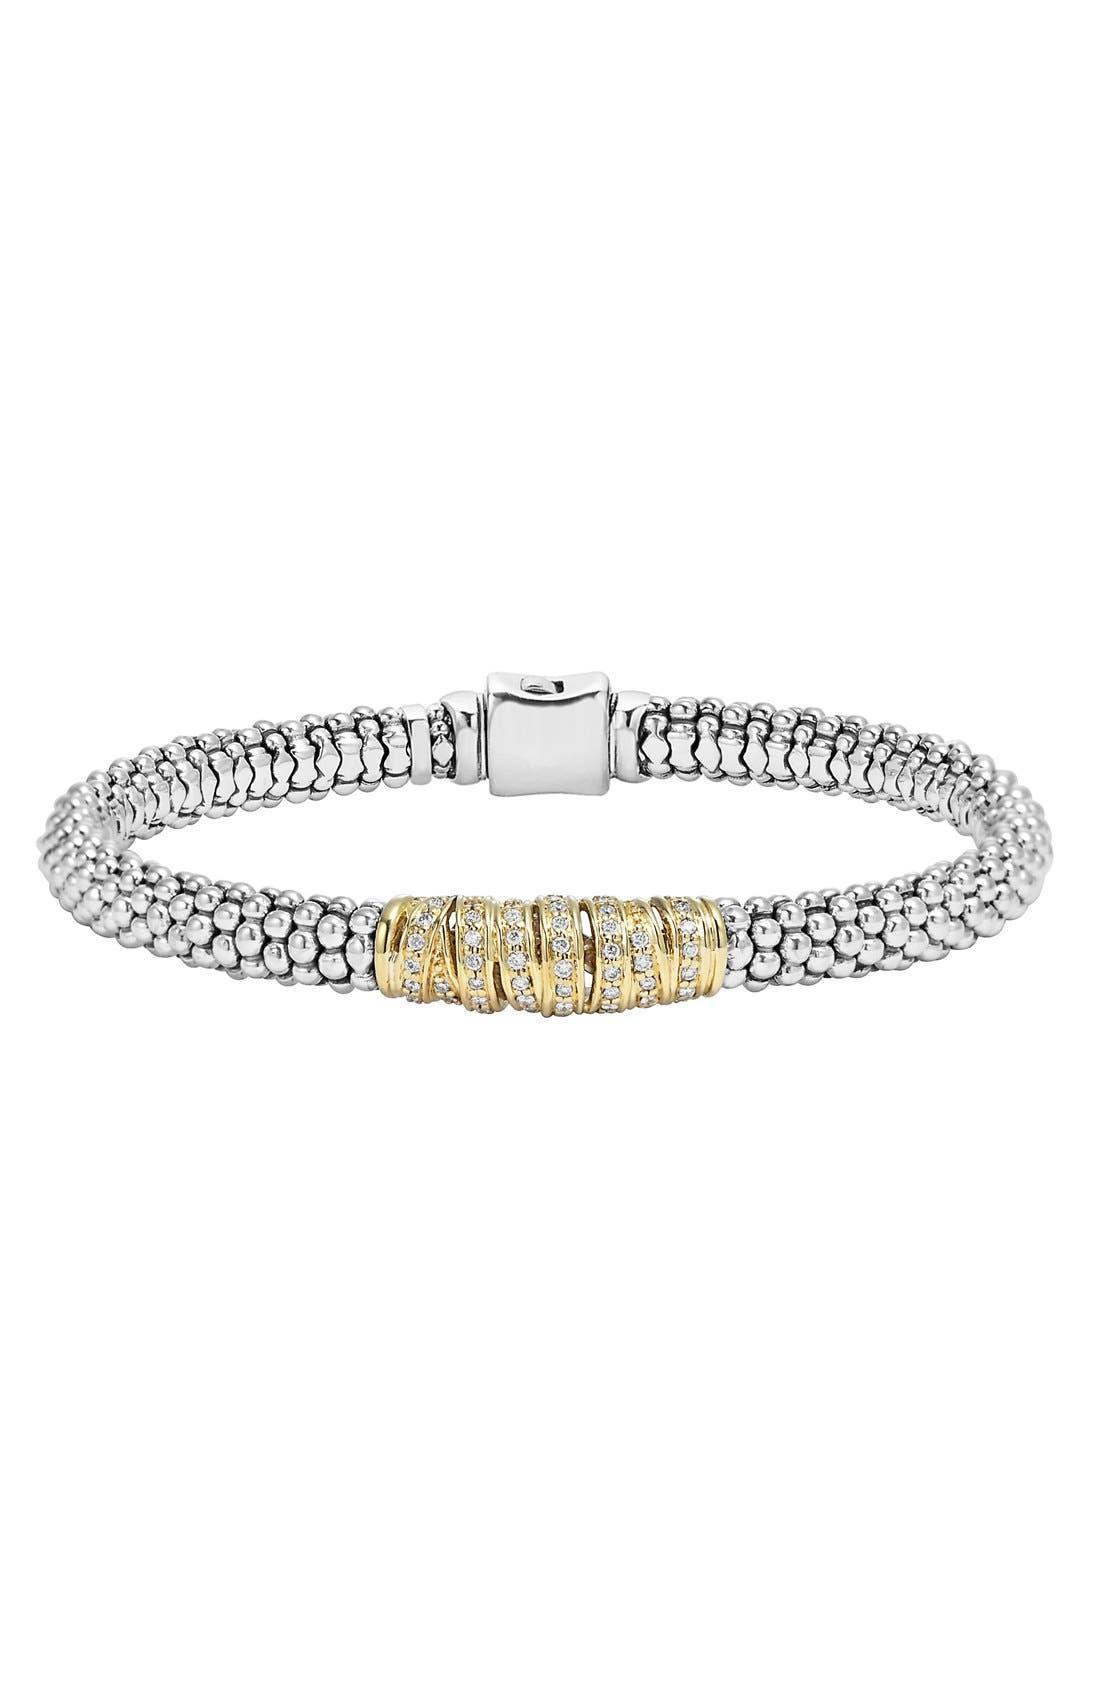 LAGOS Diamonds & Caviar Diamond Bracelet